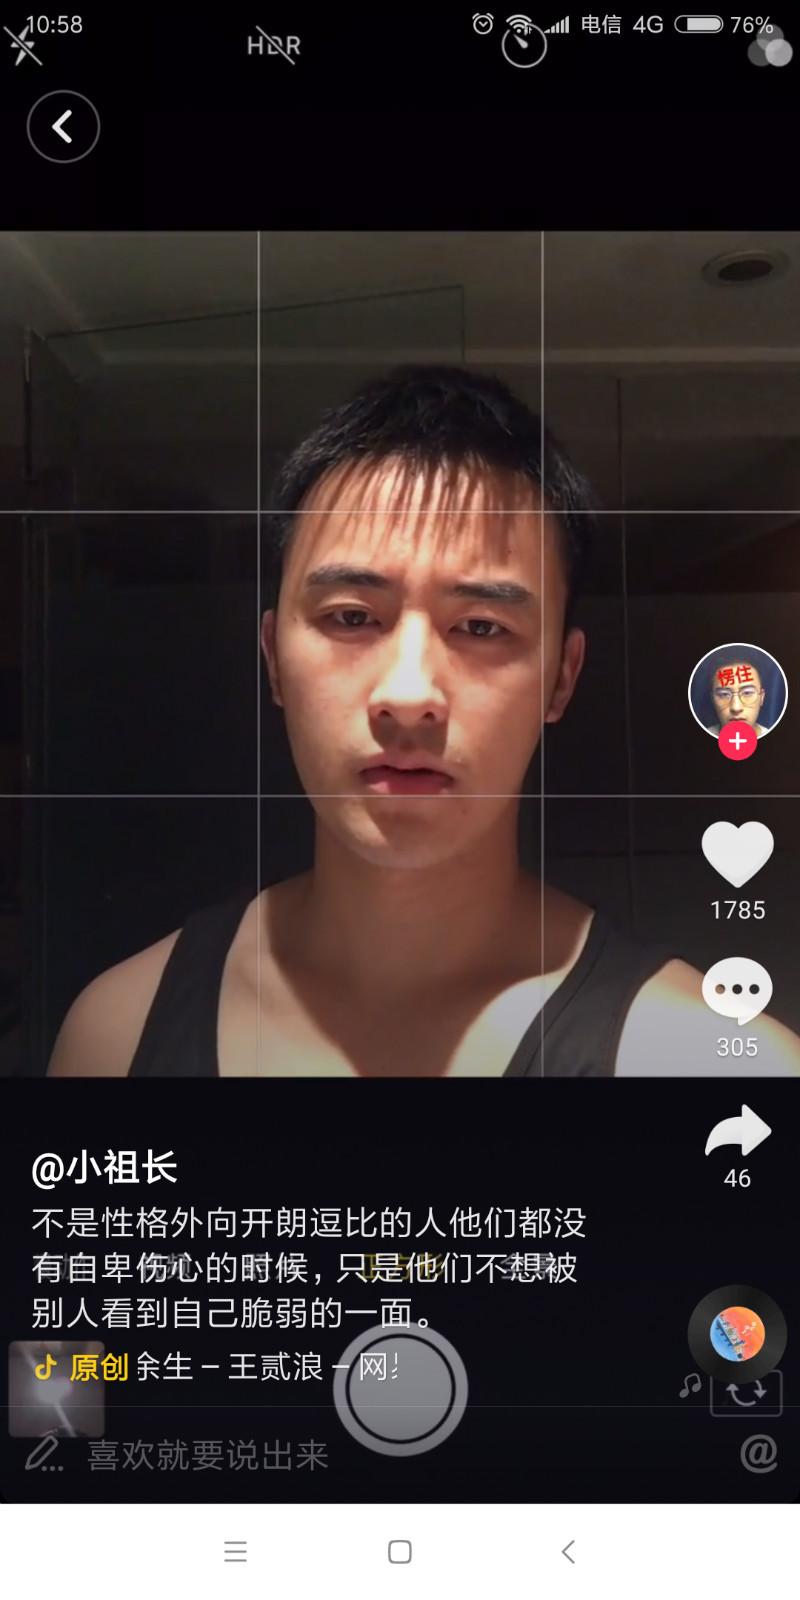 抖音帅哥小祖长 抖音号:xiaozuzhang,抖友社区,douyoushequ.com